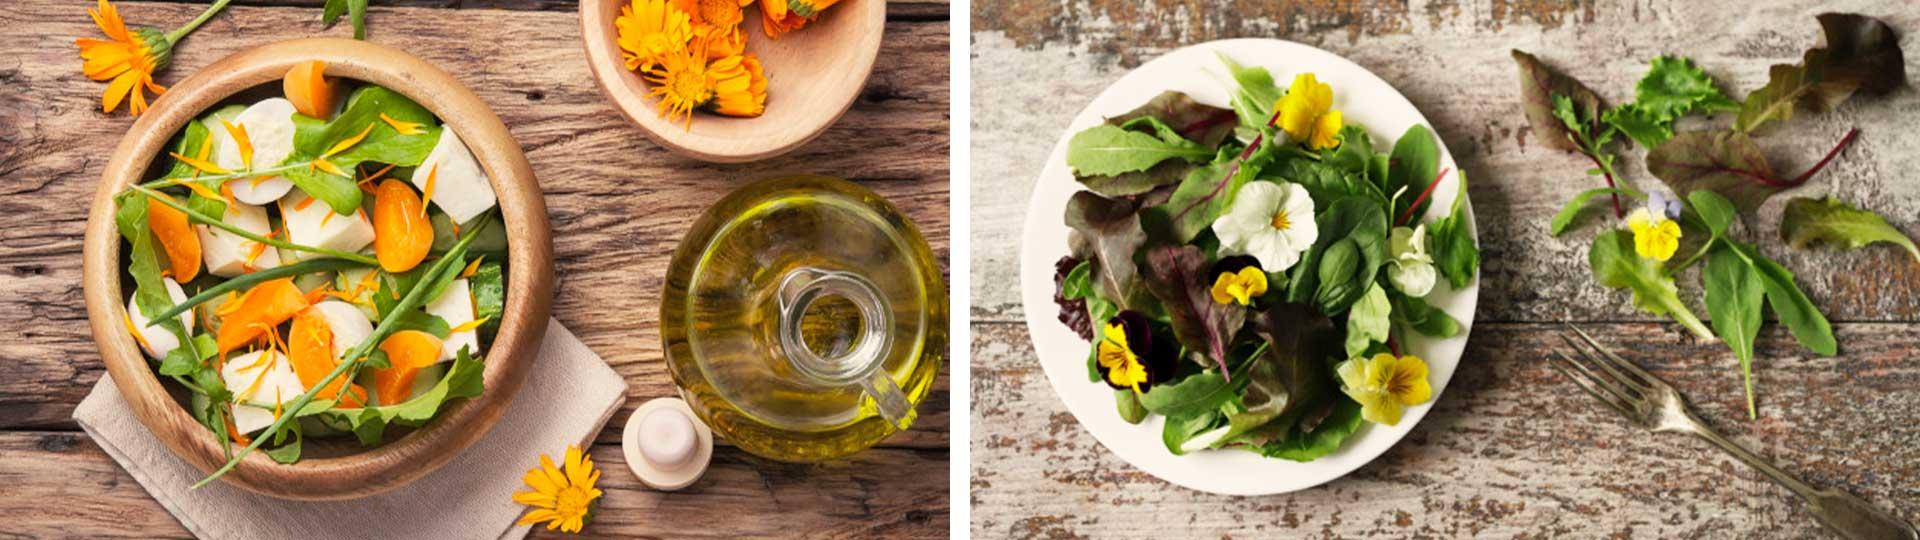 Колаж от две снимки: Салата с цветчета от невен и салата с цветове от теменужка